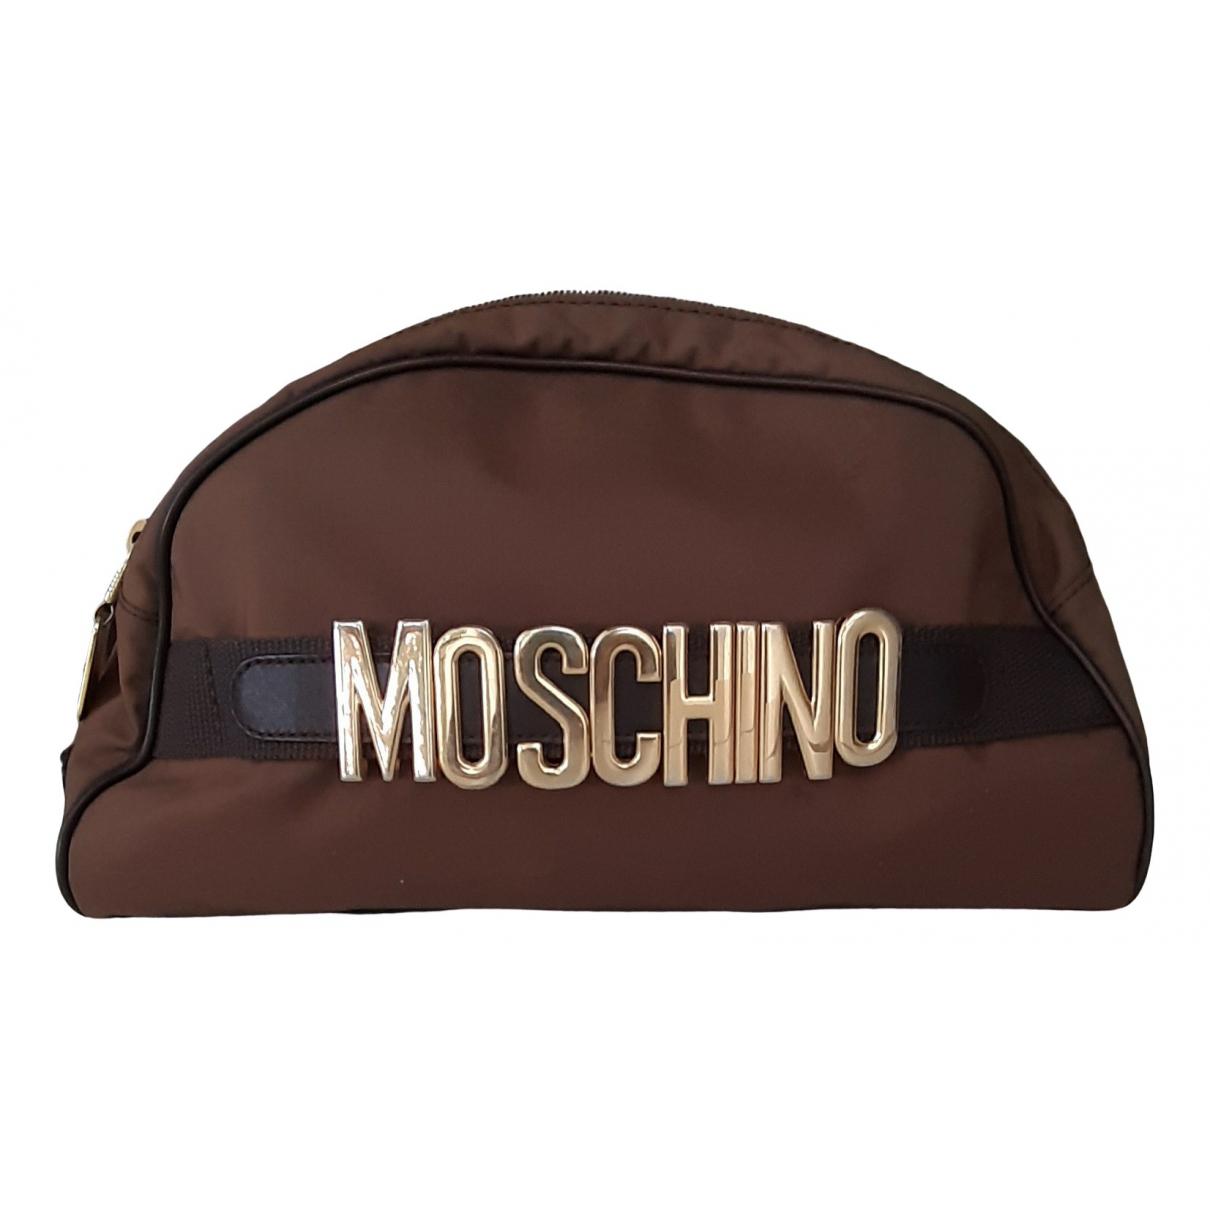 Moschino - Pochette   pour femme en toile - marron